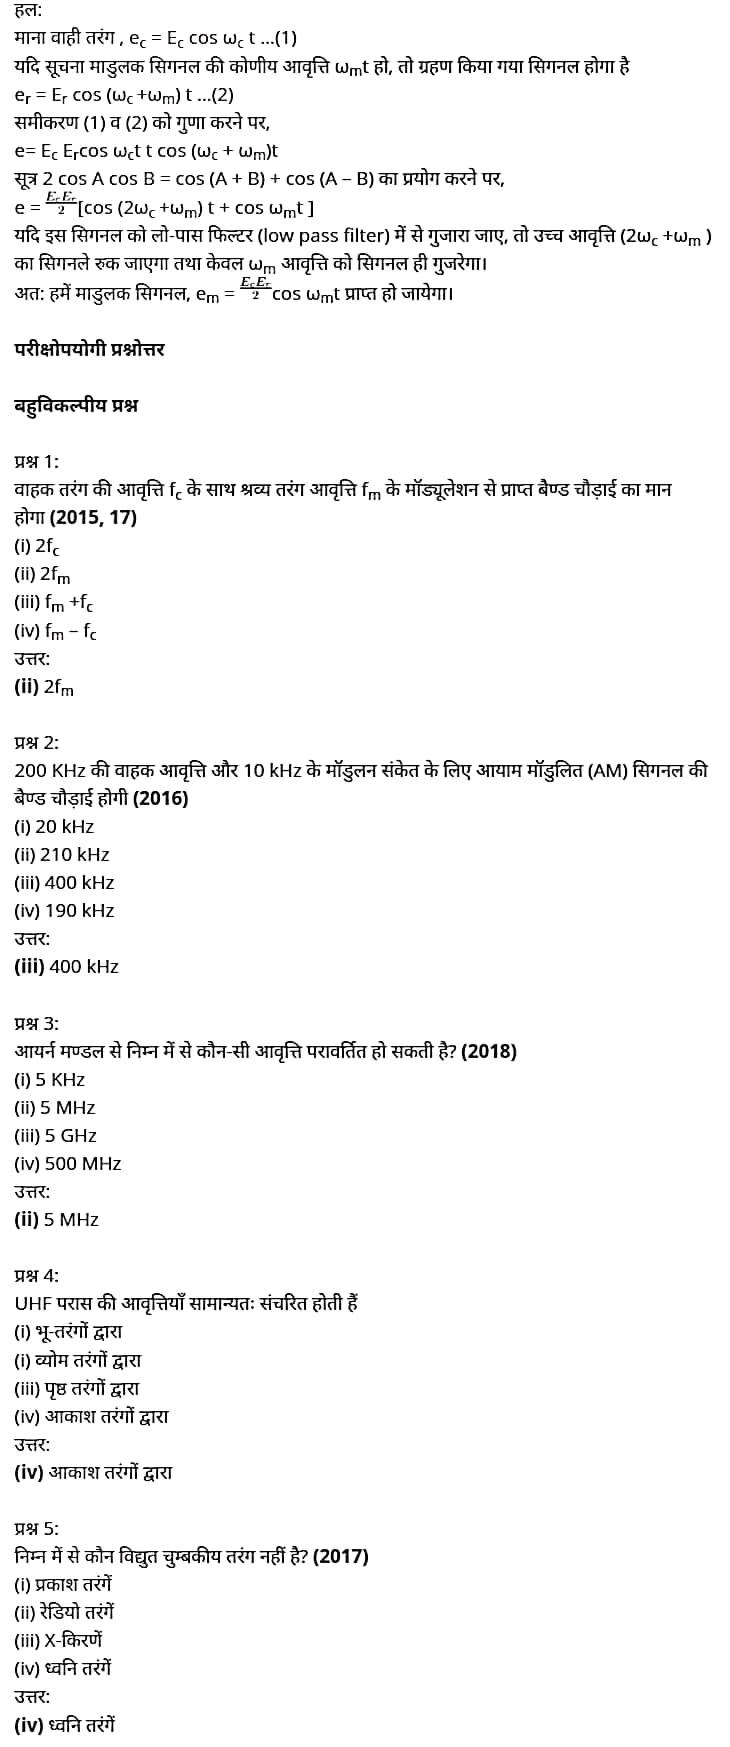 """""""Class 12 Physics Chapter 15"""", """"Communication Systems"""", """"(संचार व्यवस्था)"""", Hindi Medium  भौतिक विज्ञान कक्षा 12 नोट्स pdf,  भौतिक विज्ञान कक्षा 12 नोट्स 2021 NCERT,  भौतिक विज्ञान कक्षा 12 PDF,  भौतिक विज्ञान पुस्तक,  भौतिक विज्ञान की बुक,  भौतिक विज्ञान प्रश्नोत्तरी Class 12, 12 वीं भौतिक विज्ञान पुस्तक up board,  बिहार बोर्ड 12 वीं भौतिक विज्ञान नोट्स,   12th Physics book in hindi,12th Physics notes in hindi,cbse books for class 12,cbse books in hindi,cbse ncert books,class 12 Physics notes in hindi,class 12 hindi ncert solutions,Physics 2020,Physics 2021,Maths 2022,Physics book class 12,Physics book in hindi,Physics class 12 in hindi,Physics notes for class 12 up board in hindi,ncert all books,ncert app in hindi,ncert book solution,ncert books class 10,ncert books class 12,ncert books for class 7,ncert books for upsc in hindi,ncert books in hindi class 10,ncert books in hindi for class 12 Physics,ncert books in hindi for class 6,ncert books in hindi pdf,ncert class 12 hindi book,ncert english book,ncert Physics book in hindi,ncert Physics books in hindi pdf,ncert Physics class 12,ncert in hindi,old ncert books in hindi,online ncert books in hindi,up board 12th,up board 12th syllabus,up board class 10 hindi book,up board class 12 books,up board class 12 new syllabus,up Board Maths 2020,up Board Maths 2021,up Board Maths 2022,up Board Maths 2023,up board intermediate Physics syllabus,up board intermediate syllabus 2021,Up board Master 2021,up board model paper 2021,up board model paper all subject,up board new syllabus of class 12th Physics,up board paper 2021,Up board syllabus 2021,UP board syllabus 2022,  12 वीं भौतिक विज्ञान पुस्तक हिंदी में, 12 वीं भौतिक विज्ञान नोट्स हिंदी में, कक्षा 12 के लिए सीबीएससी पुस्तकें, हिंदी में सीबीएससी पुस्तकें, सीबीएससी  पुस्तकें, कक्षा 12 भौतिक विज्ञान नोट्स हिंदी में, कक्षा 12 हिंदी एनसीईआरटी समाधान, भौतिक विज्ञान 2020, भौतिक विज्ञान 2021, भौतिक विज्ञान 2022, भौतिक विज्ञान  बुक क्लास 12, भौतिक विज्ञान बुक इन हिंदी, बायोलॉजी क्ल"""